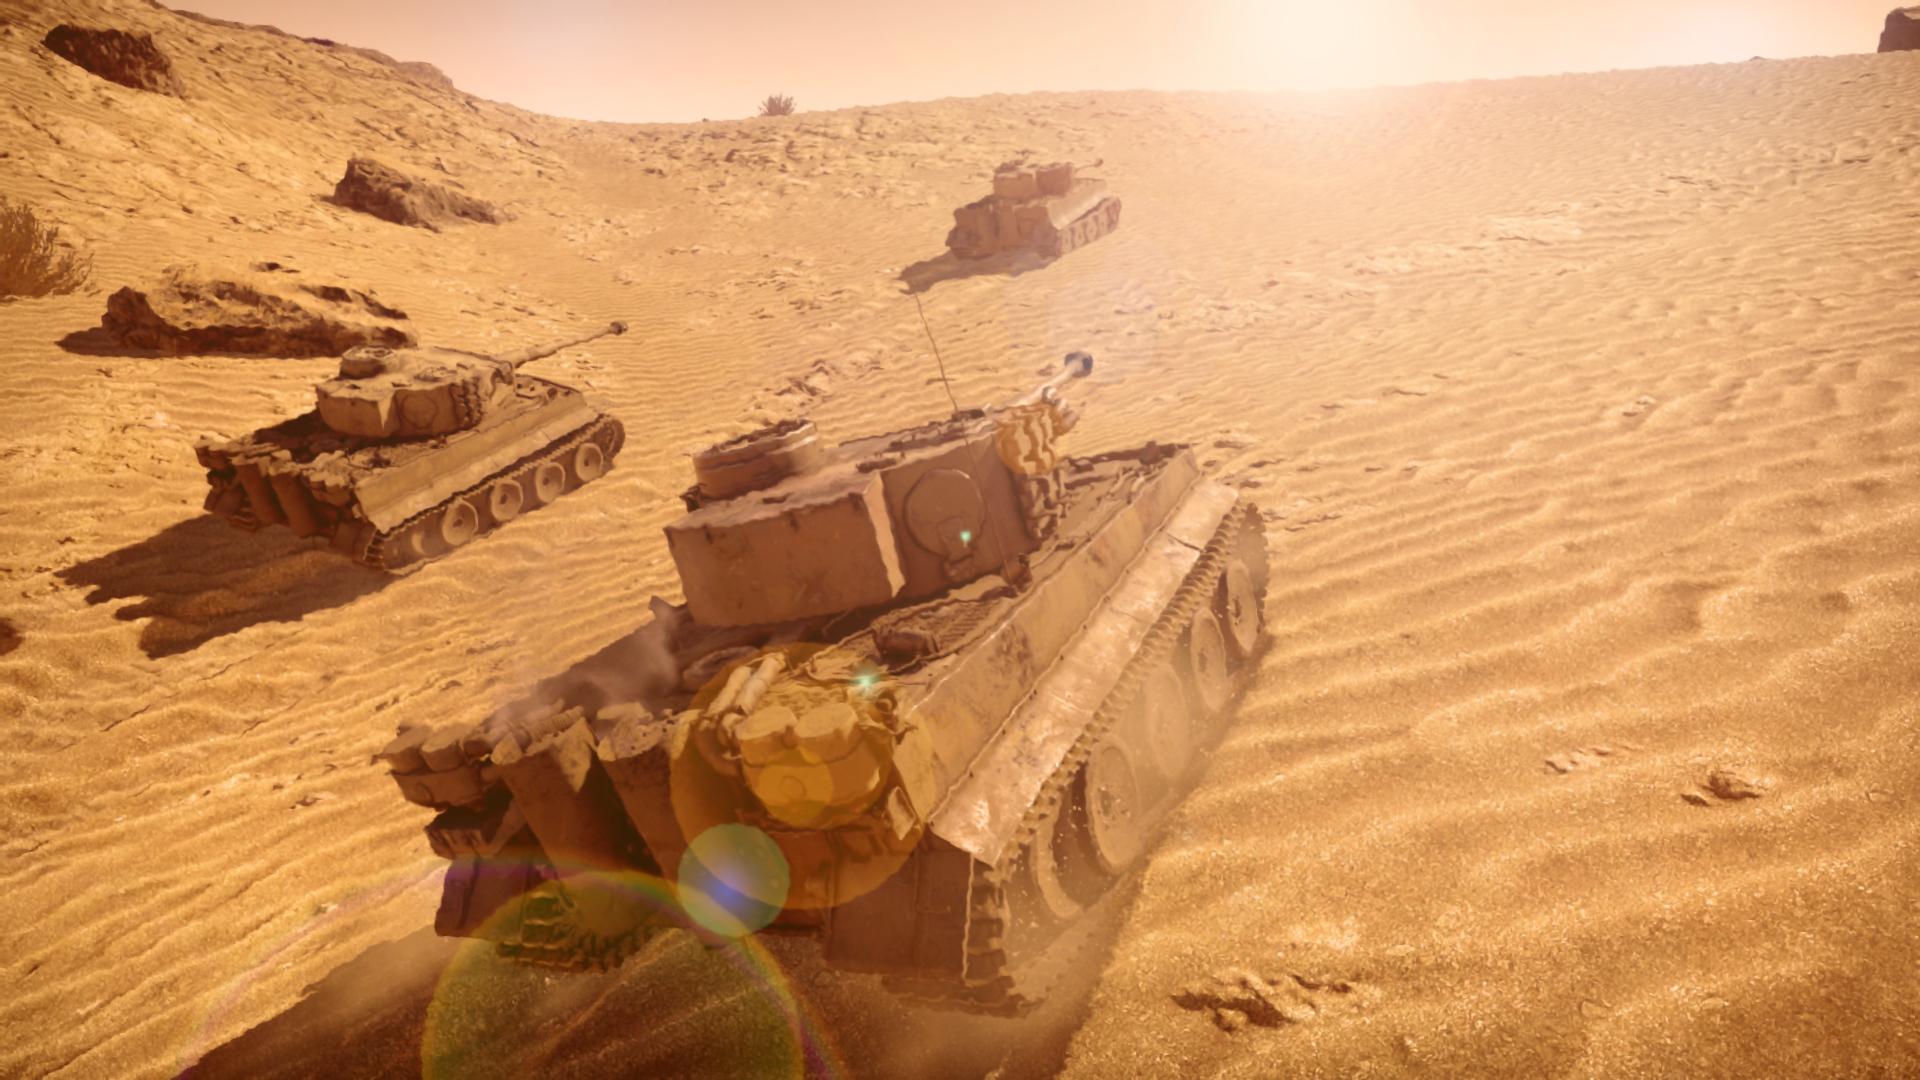 Tiger+I+desert.jpg